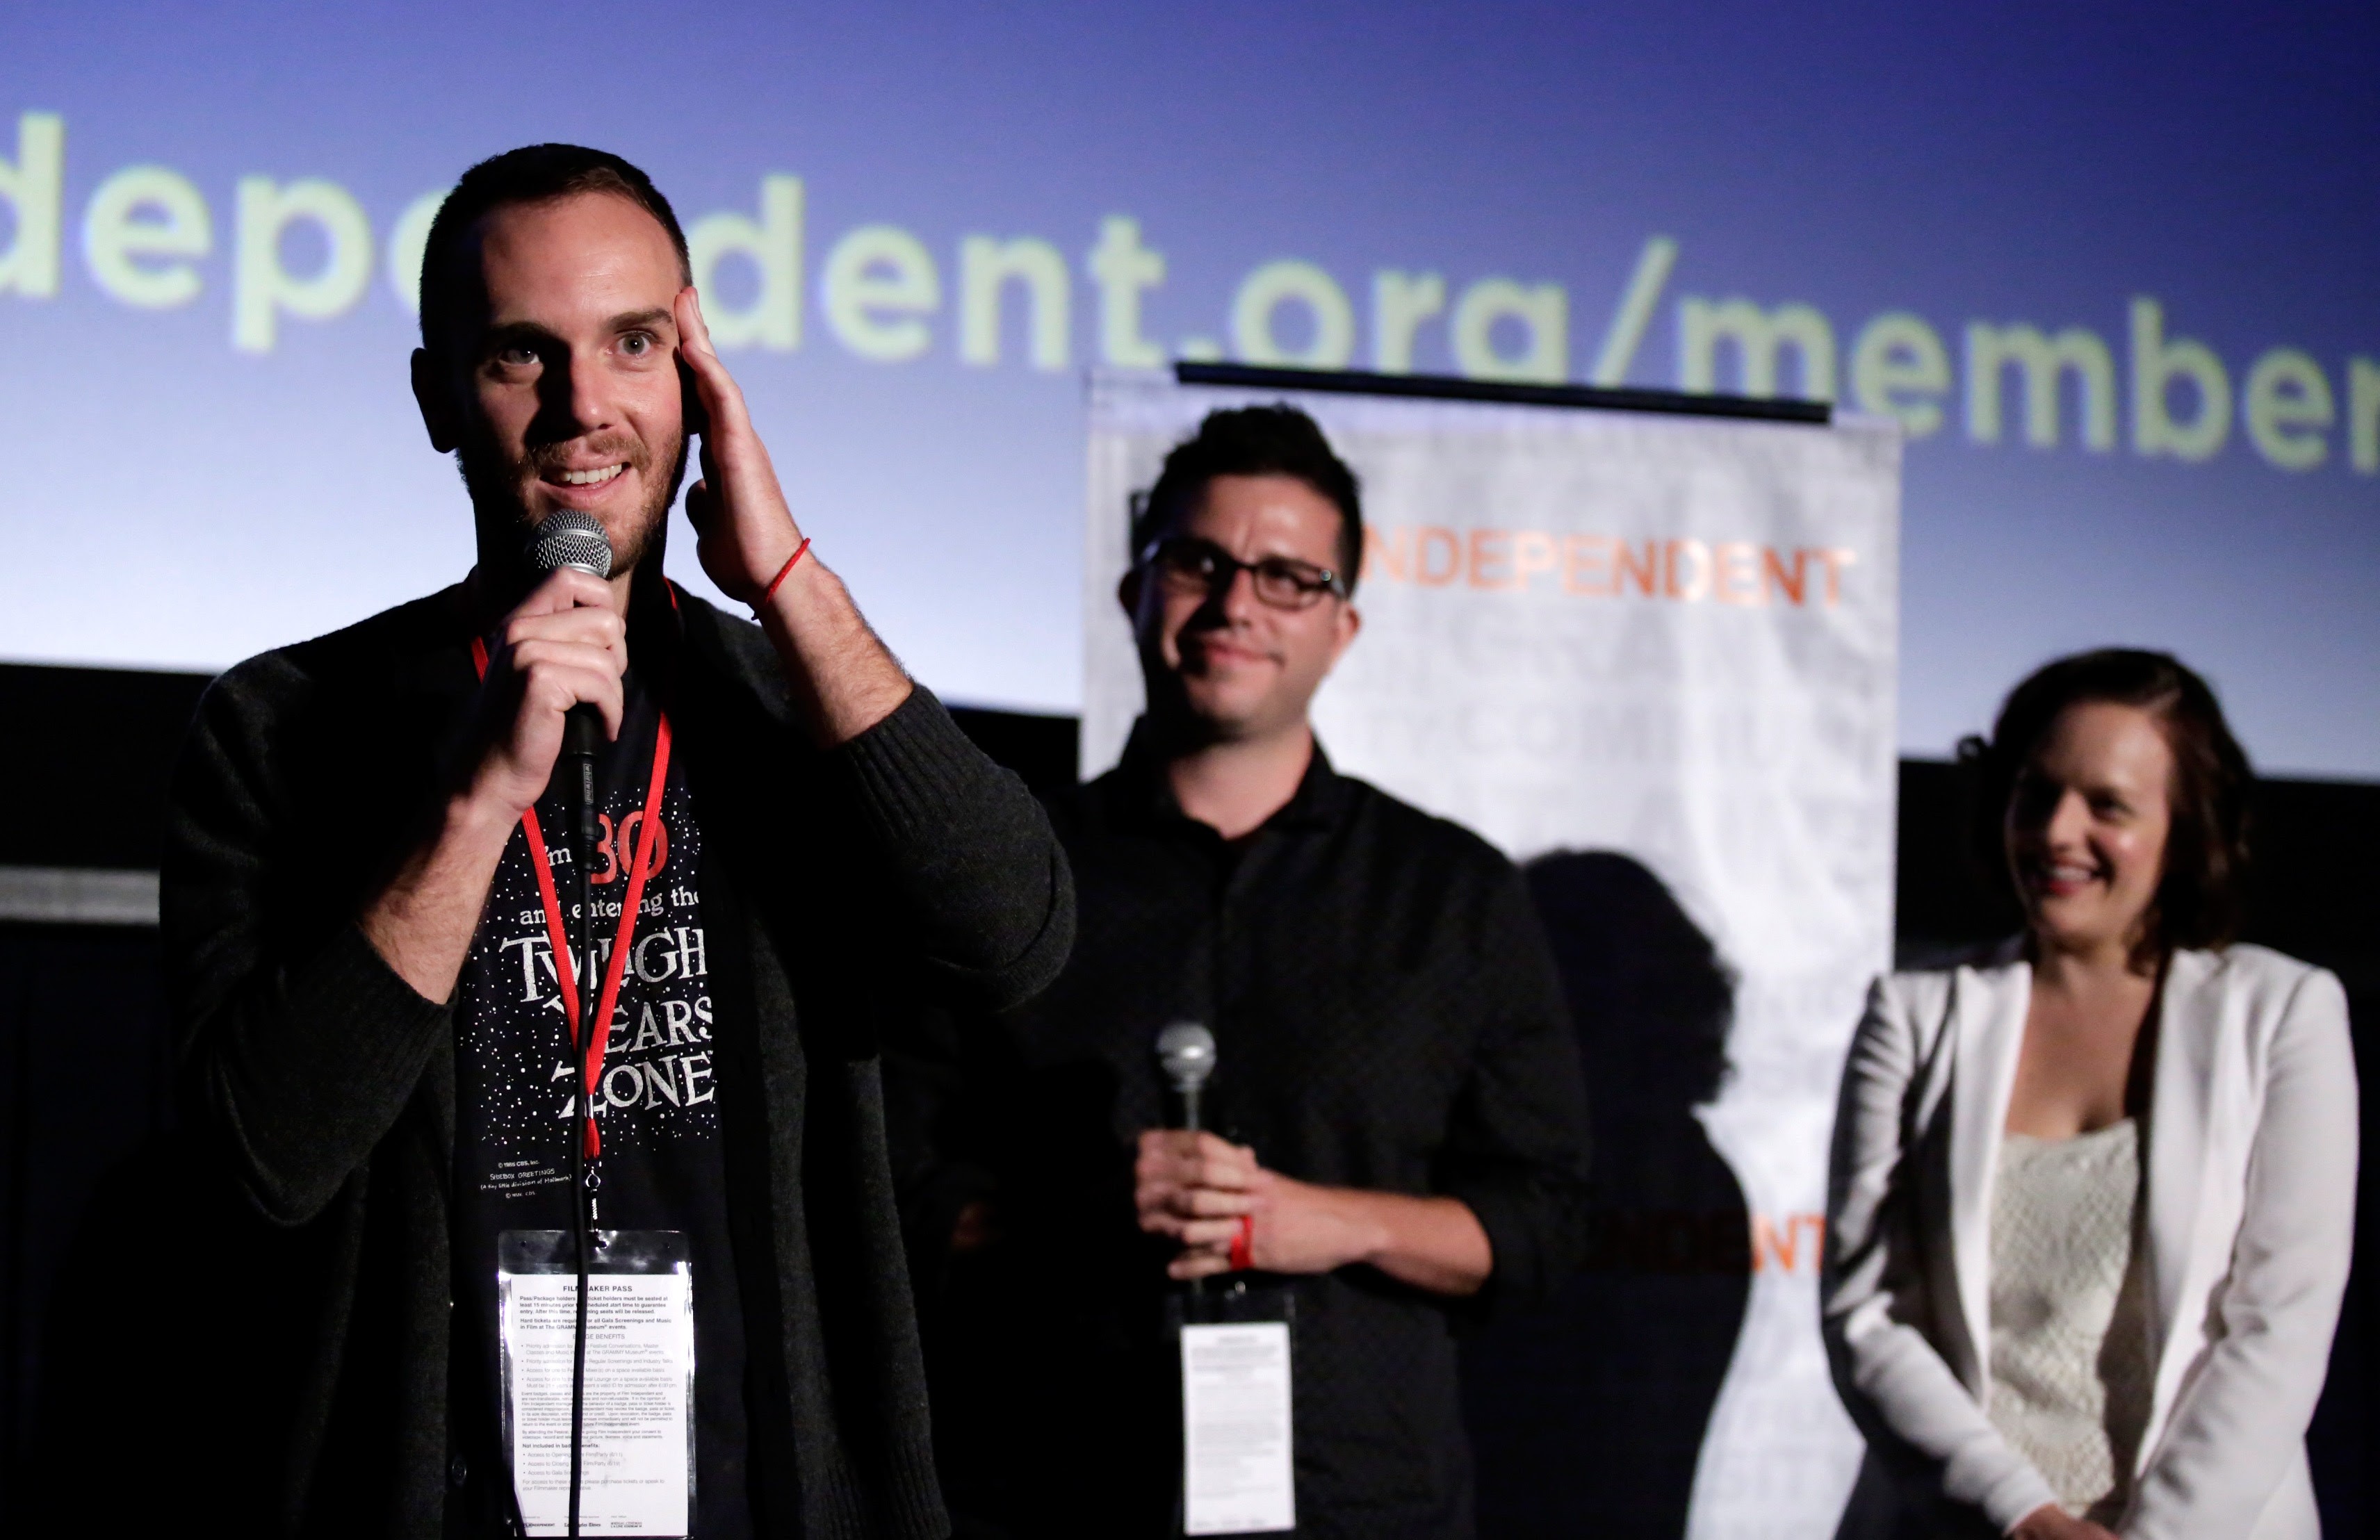 Filmmaker Reception